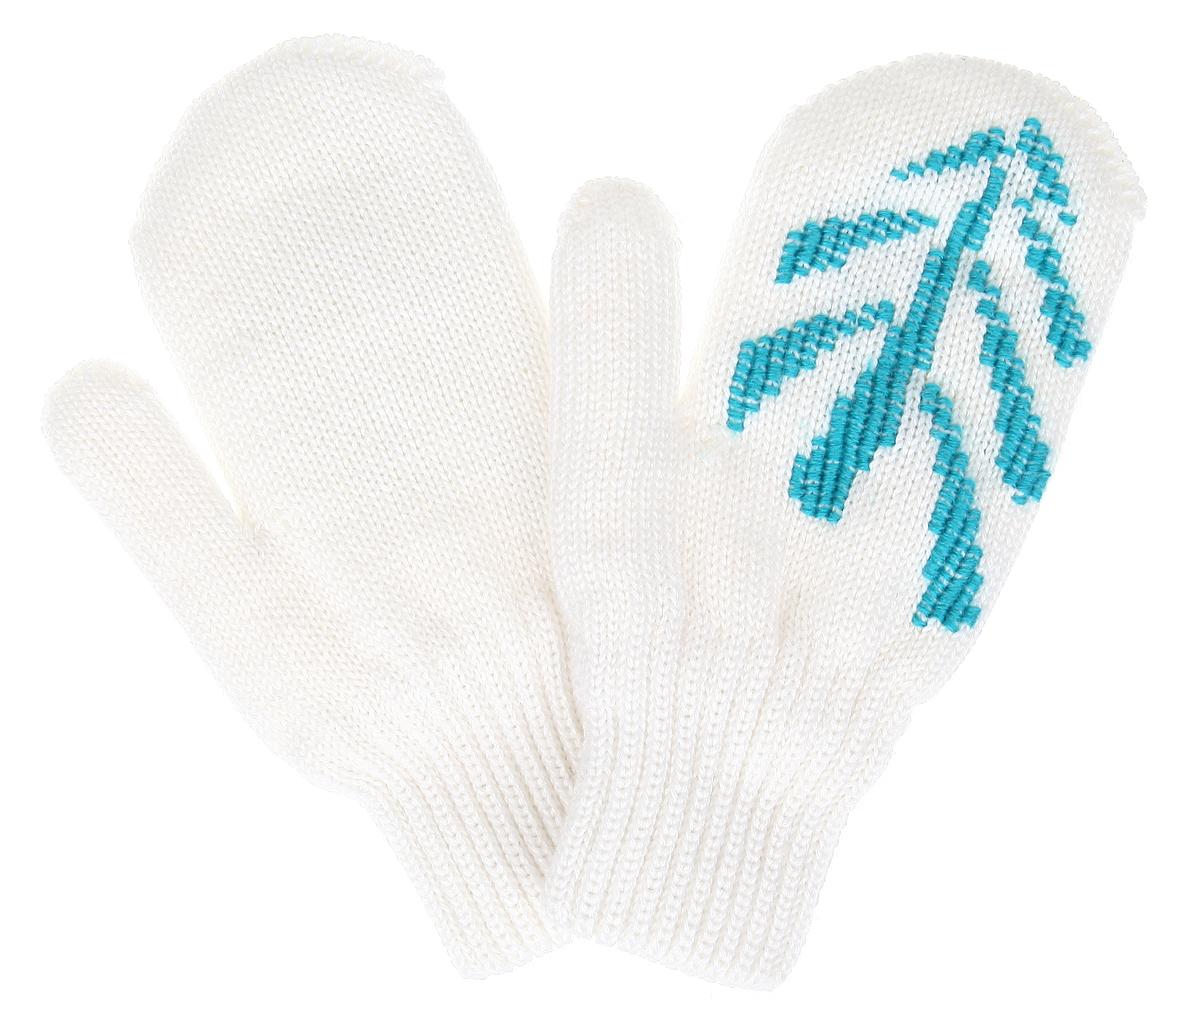 Варежки для девочки. 50-12150-121Вязаные варежки для девочки Ёмаё идеально подойдут вашей маленькой принцессе для прогулок в прохладную погоду. Изготовленные из шерсти и акрила, они максимально сохраняют тепло, мягкие и приятные на ощупь, идеально сидят на руке. Модель дополнена широкими эластичными манжетами, не стягивающими запястья и надежно фиксирующими их на руках ребенка. Изделие украшено вышитым рисунком. В таких варежках ваш ребенок будет чувствовать себя тепло, уютно и комфортно.